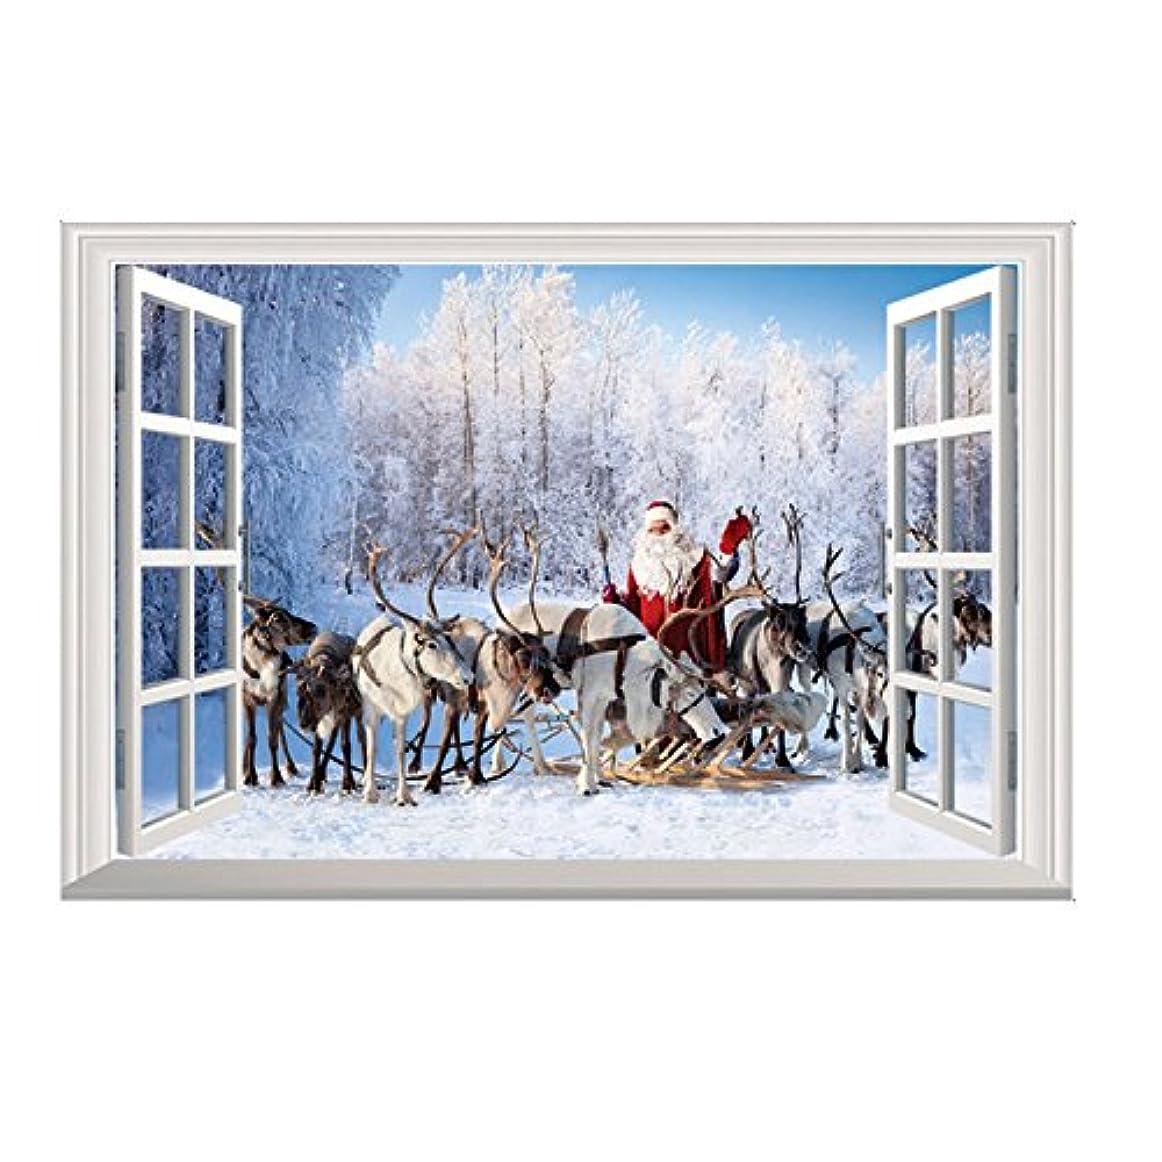 スキーバスケットボール衝突OUYOU ウォールステッカー クリスマス クリスマス 飾り 剥がせる シール式 装飾 ツリー 壁紙 雑貨 ガラス 窓 DIY サンタ 部屋 店舗装飾